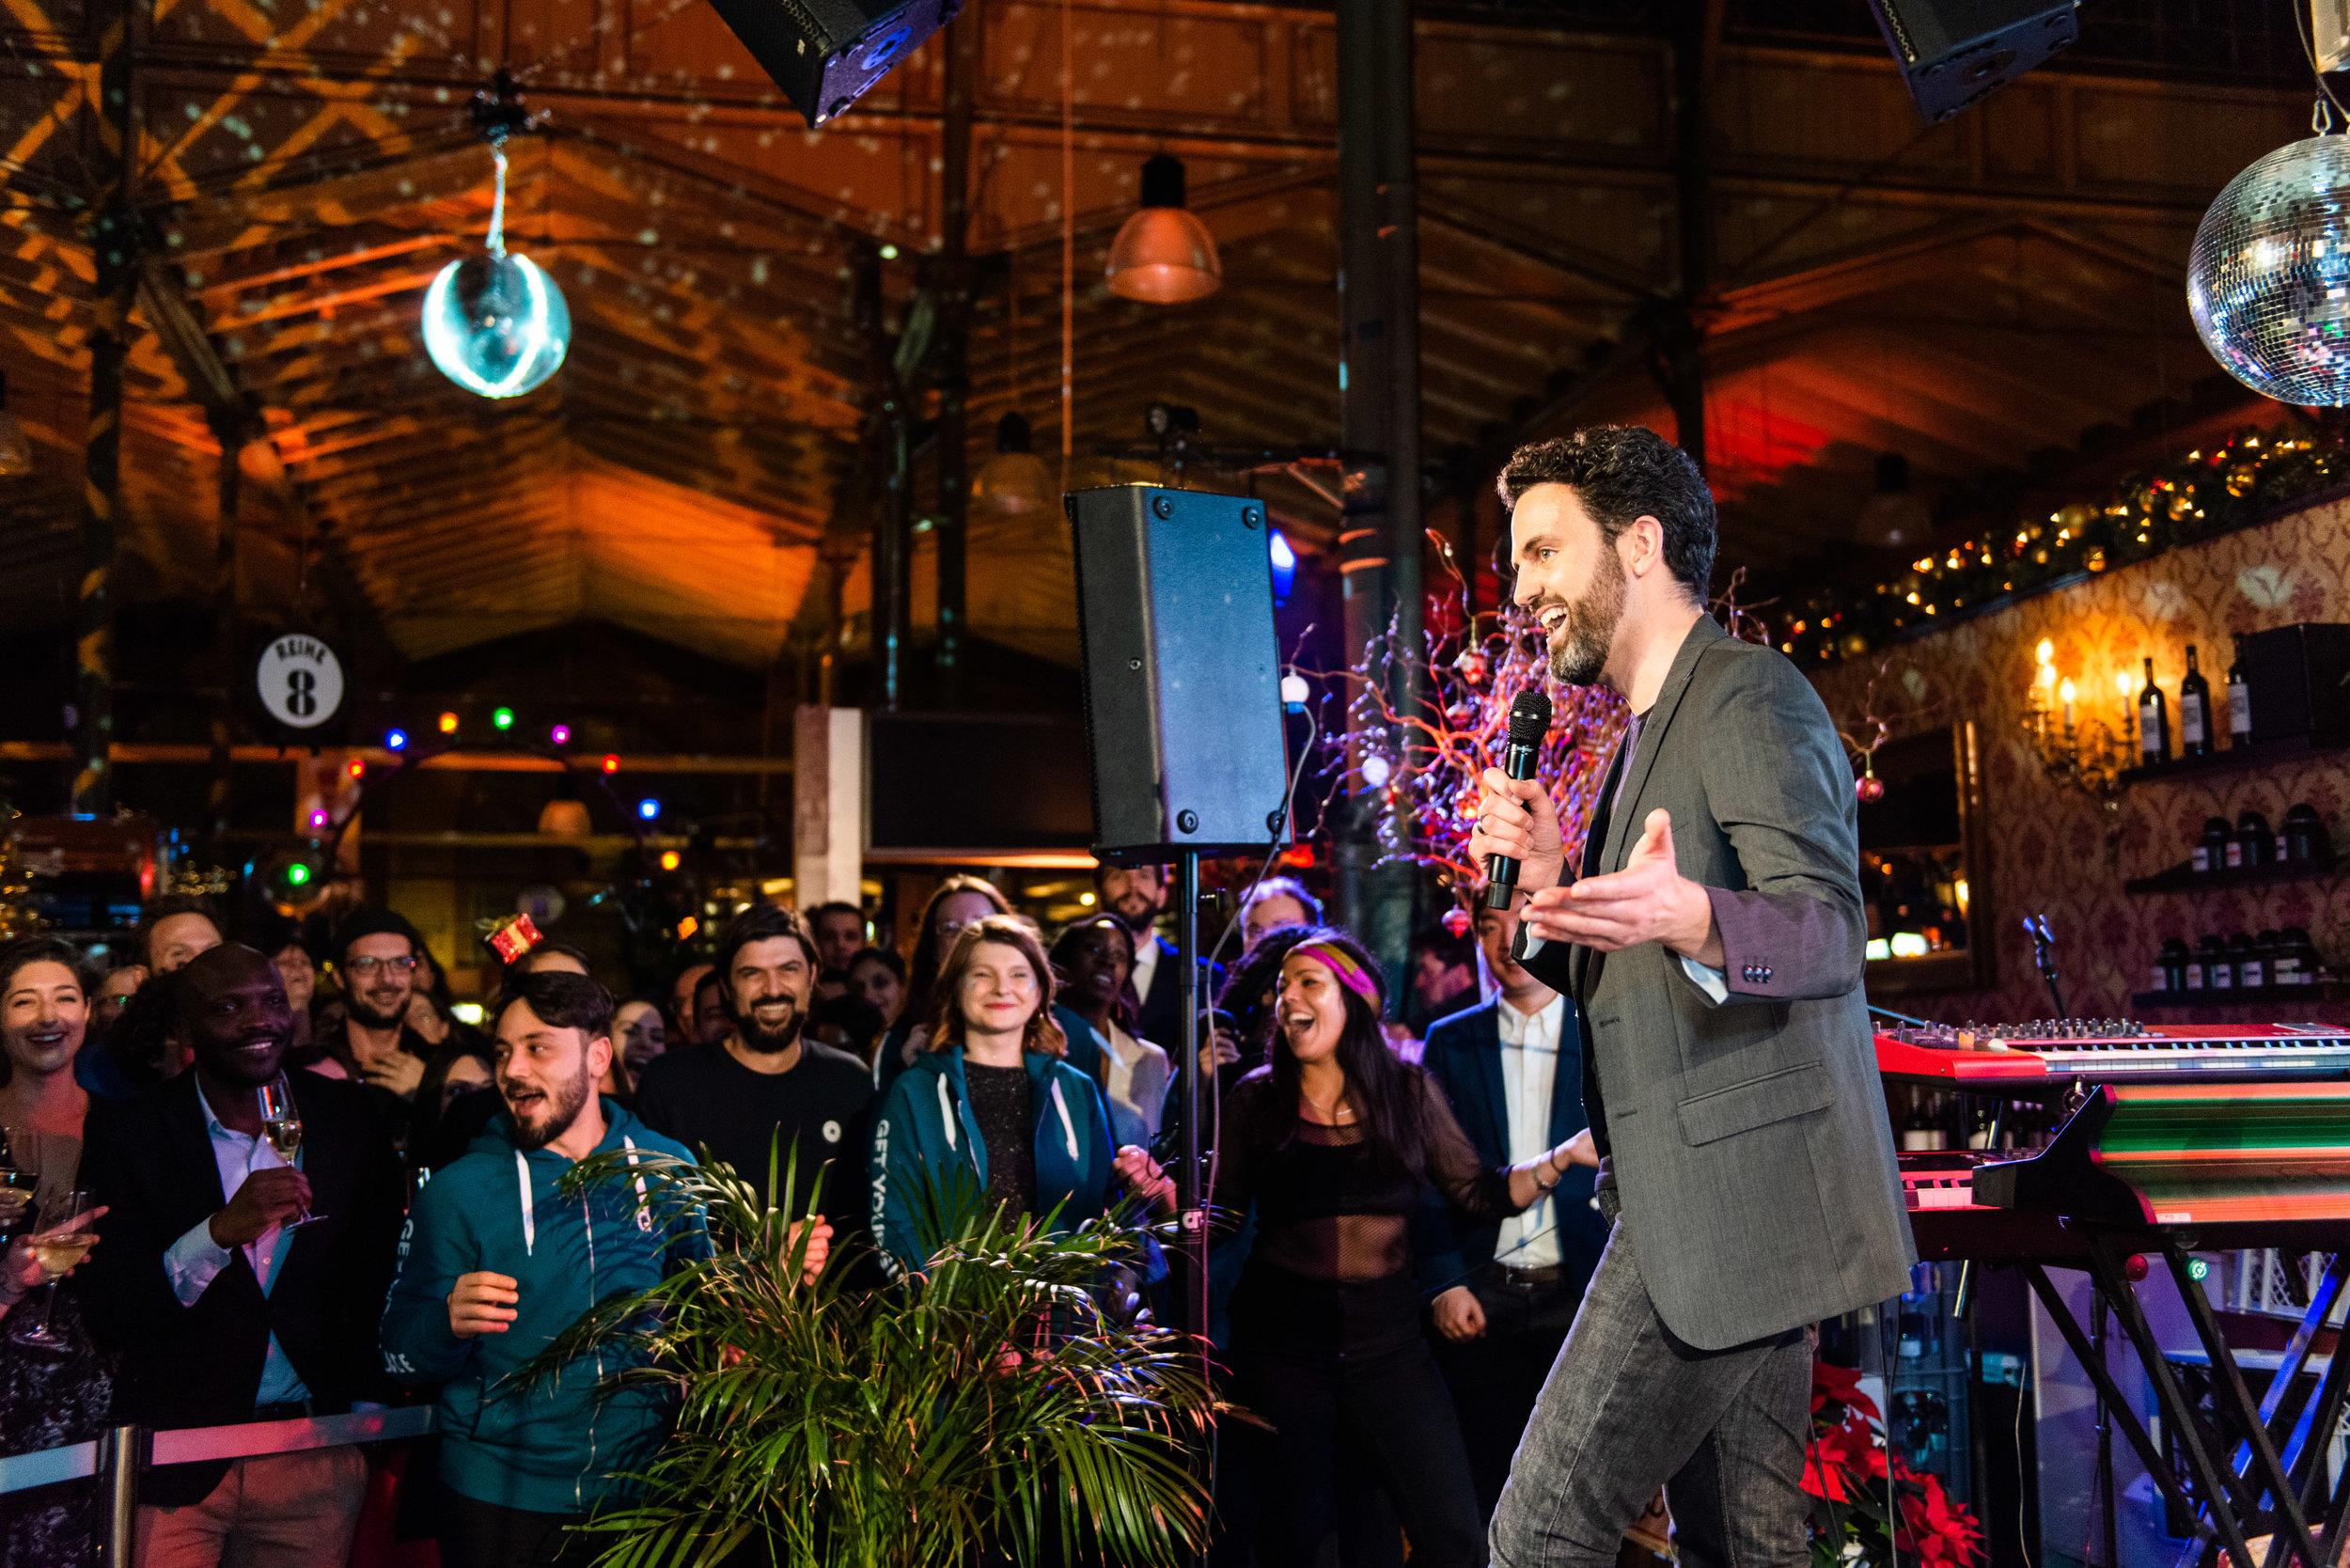 Tilman-Vogler-Fotografie-GYG-Christmas-Party-2018-207.jpg